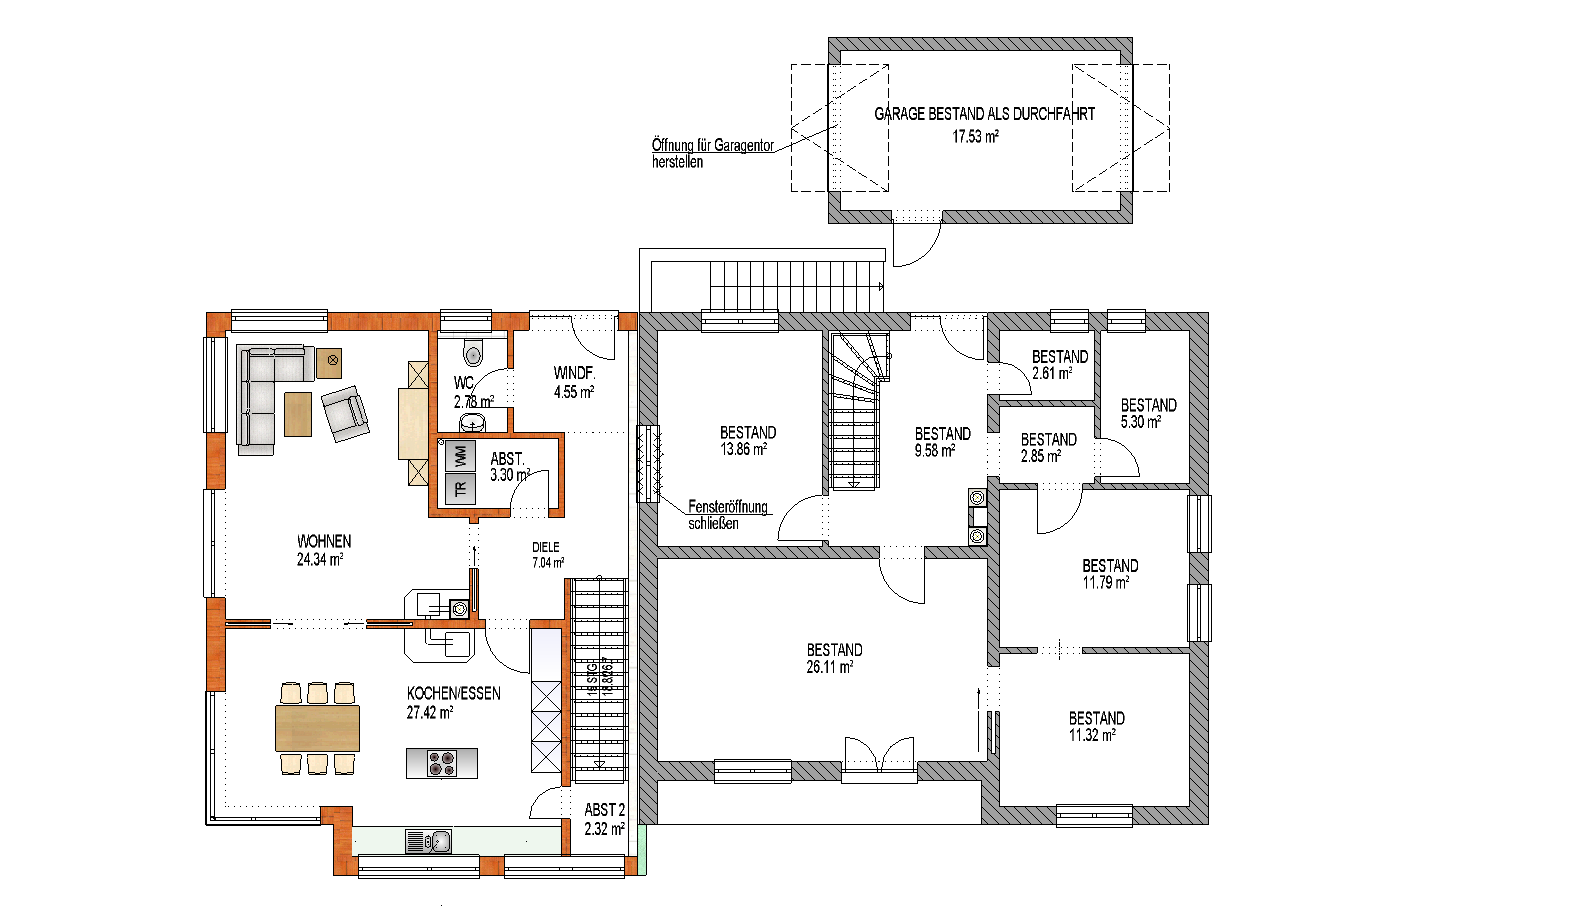 Anbau Eines Einfamilienhauses An Bestandsgebude In